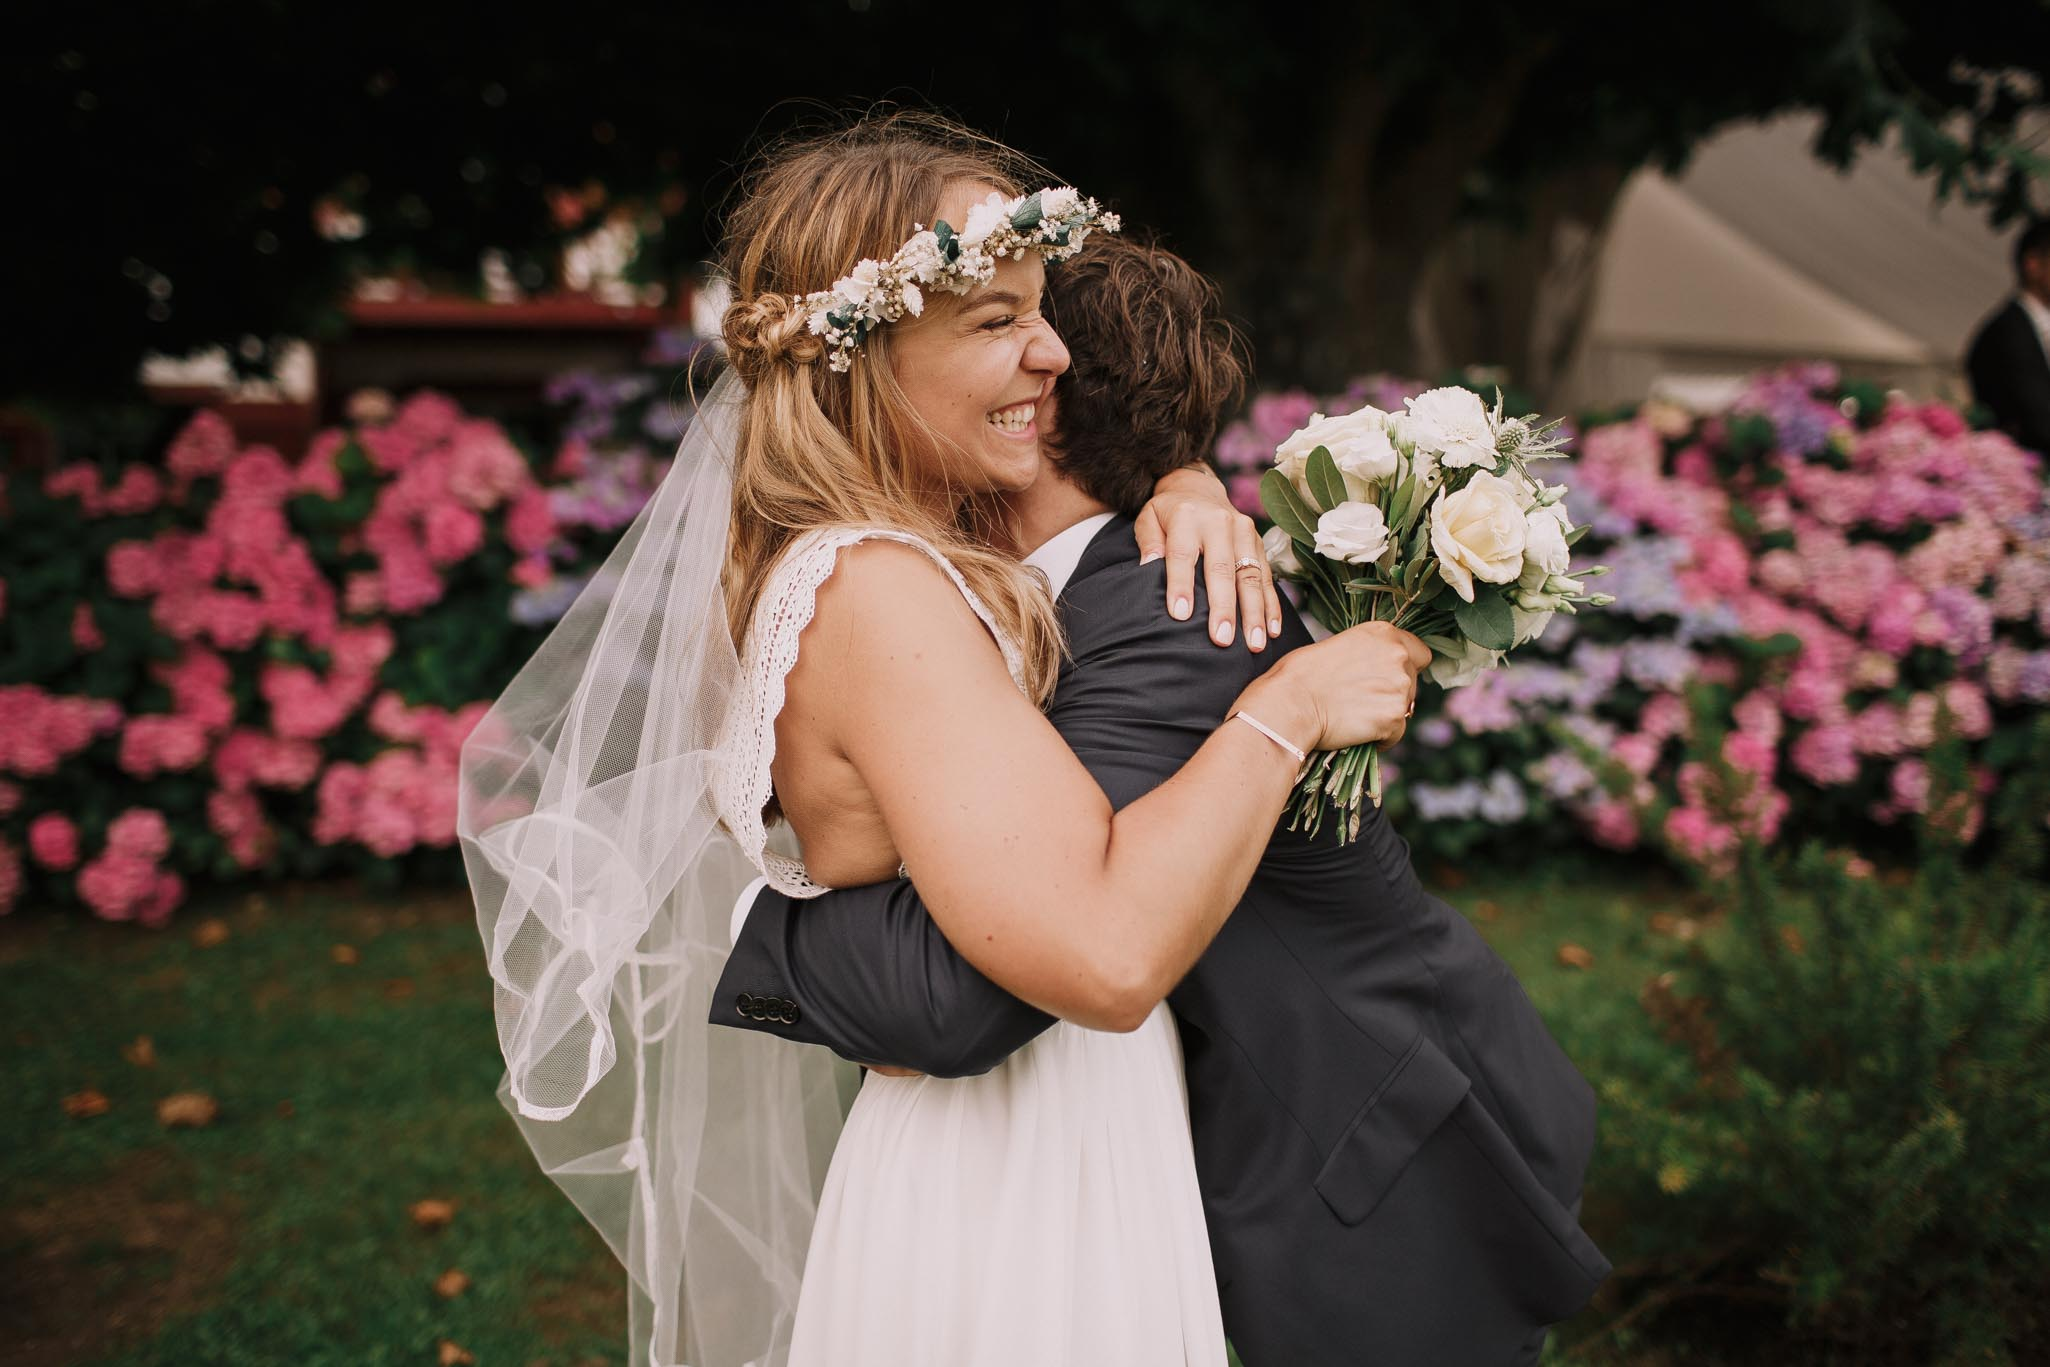 Photographe-mariage-bordeaux-jeremy-boyer-pays-basque-ihartze-artea-sare-robe-eleonore-pauc-couple-amour-101.jpg